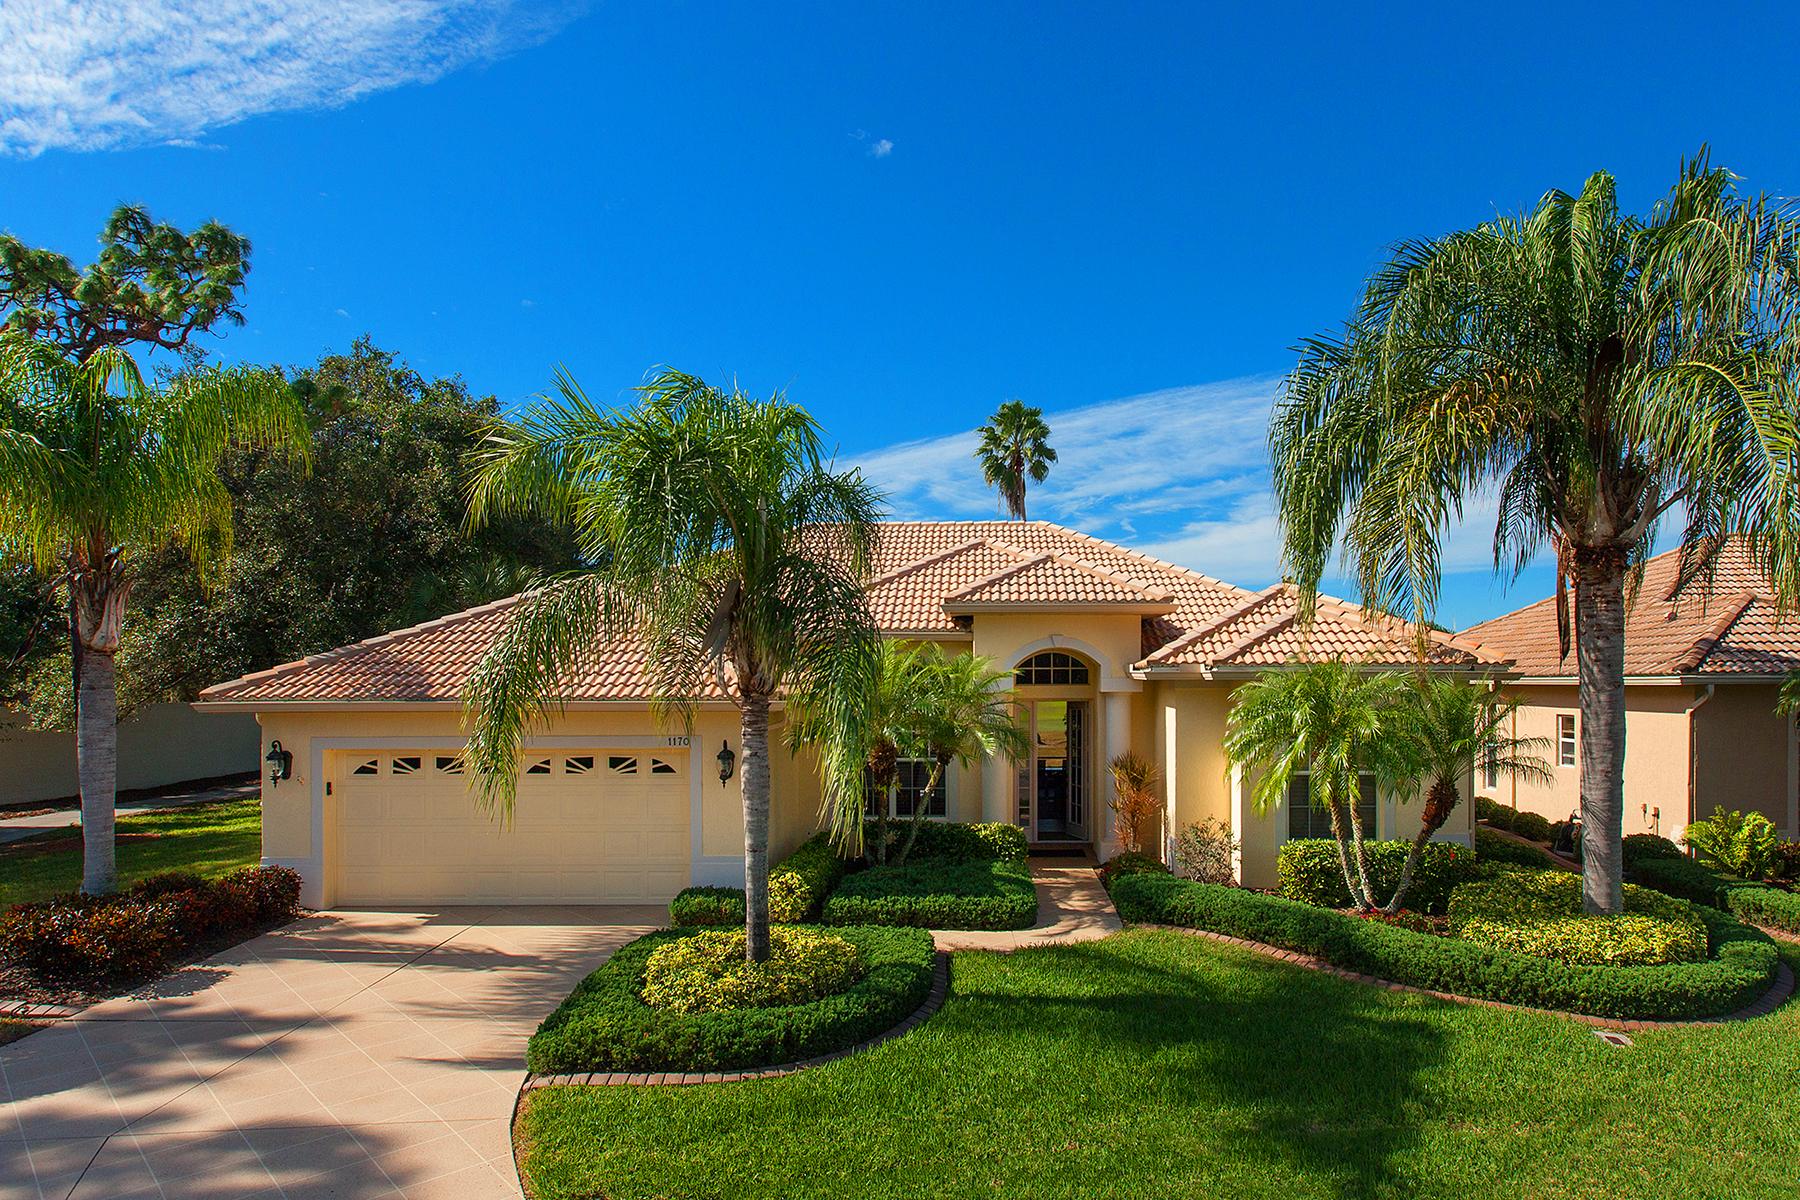 Частный односемейный дом для того Продажа на PELICAN POINTE GOLF AND COUNTRY CLUB 1170 Kittiwake Dr, Venice, Флорида, 34285 Соединенные Штаты